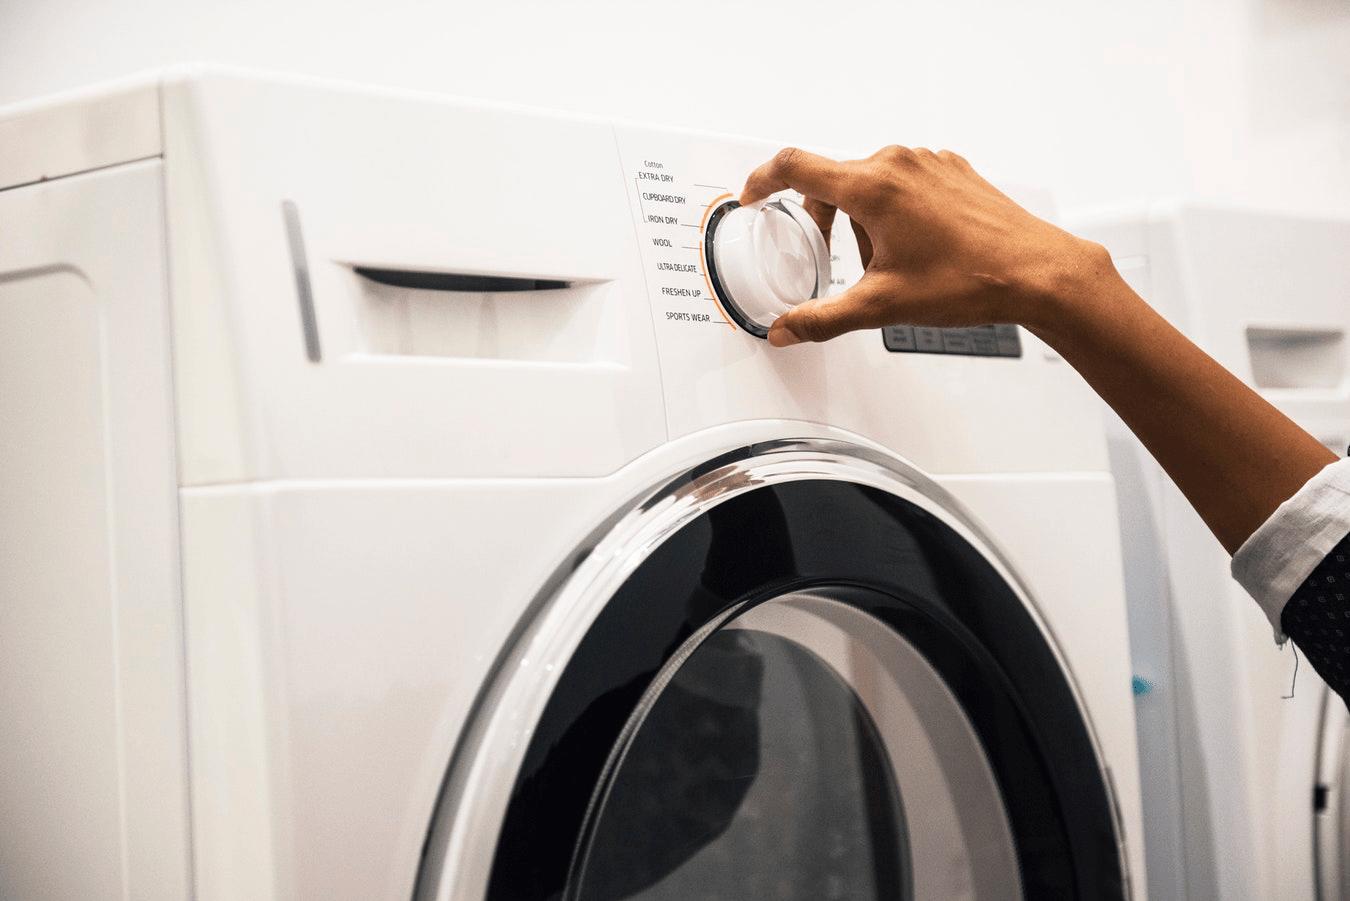 Dépannage de lave-linge Siemens : porte bloquée, un voyant